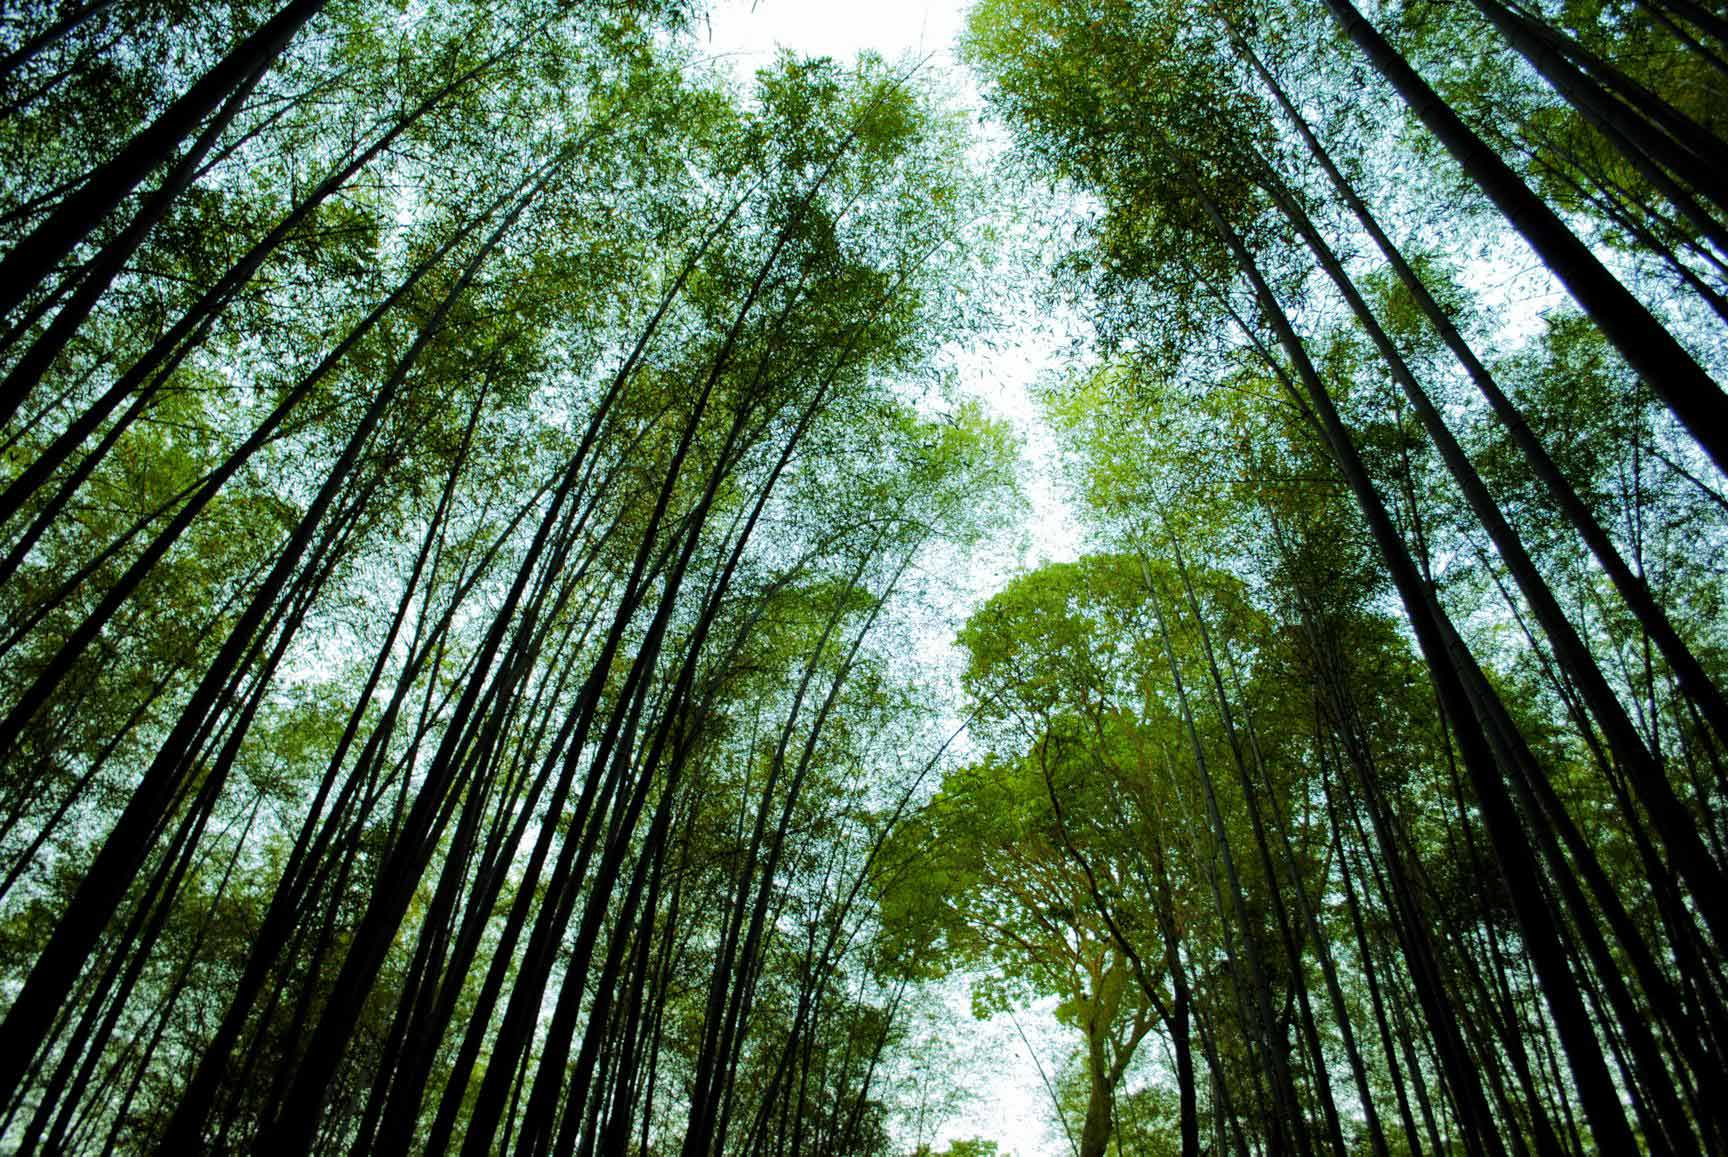 bosque-bambu-arashiyama-12